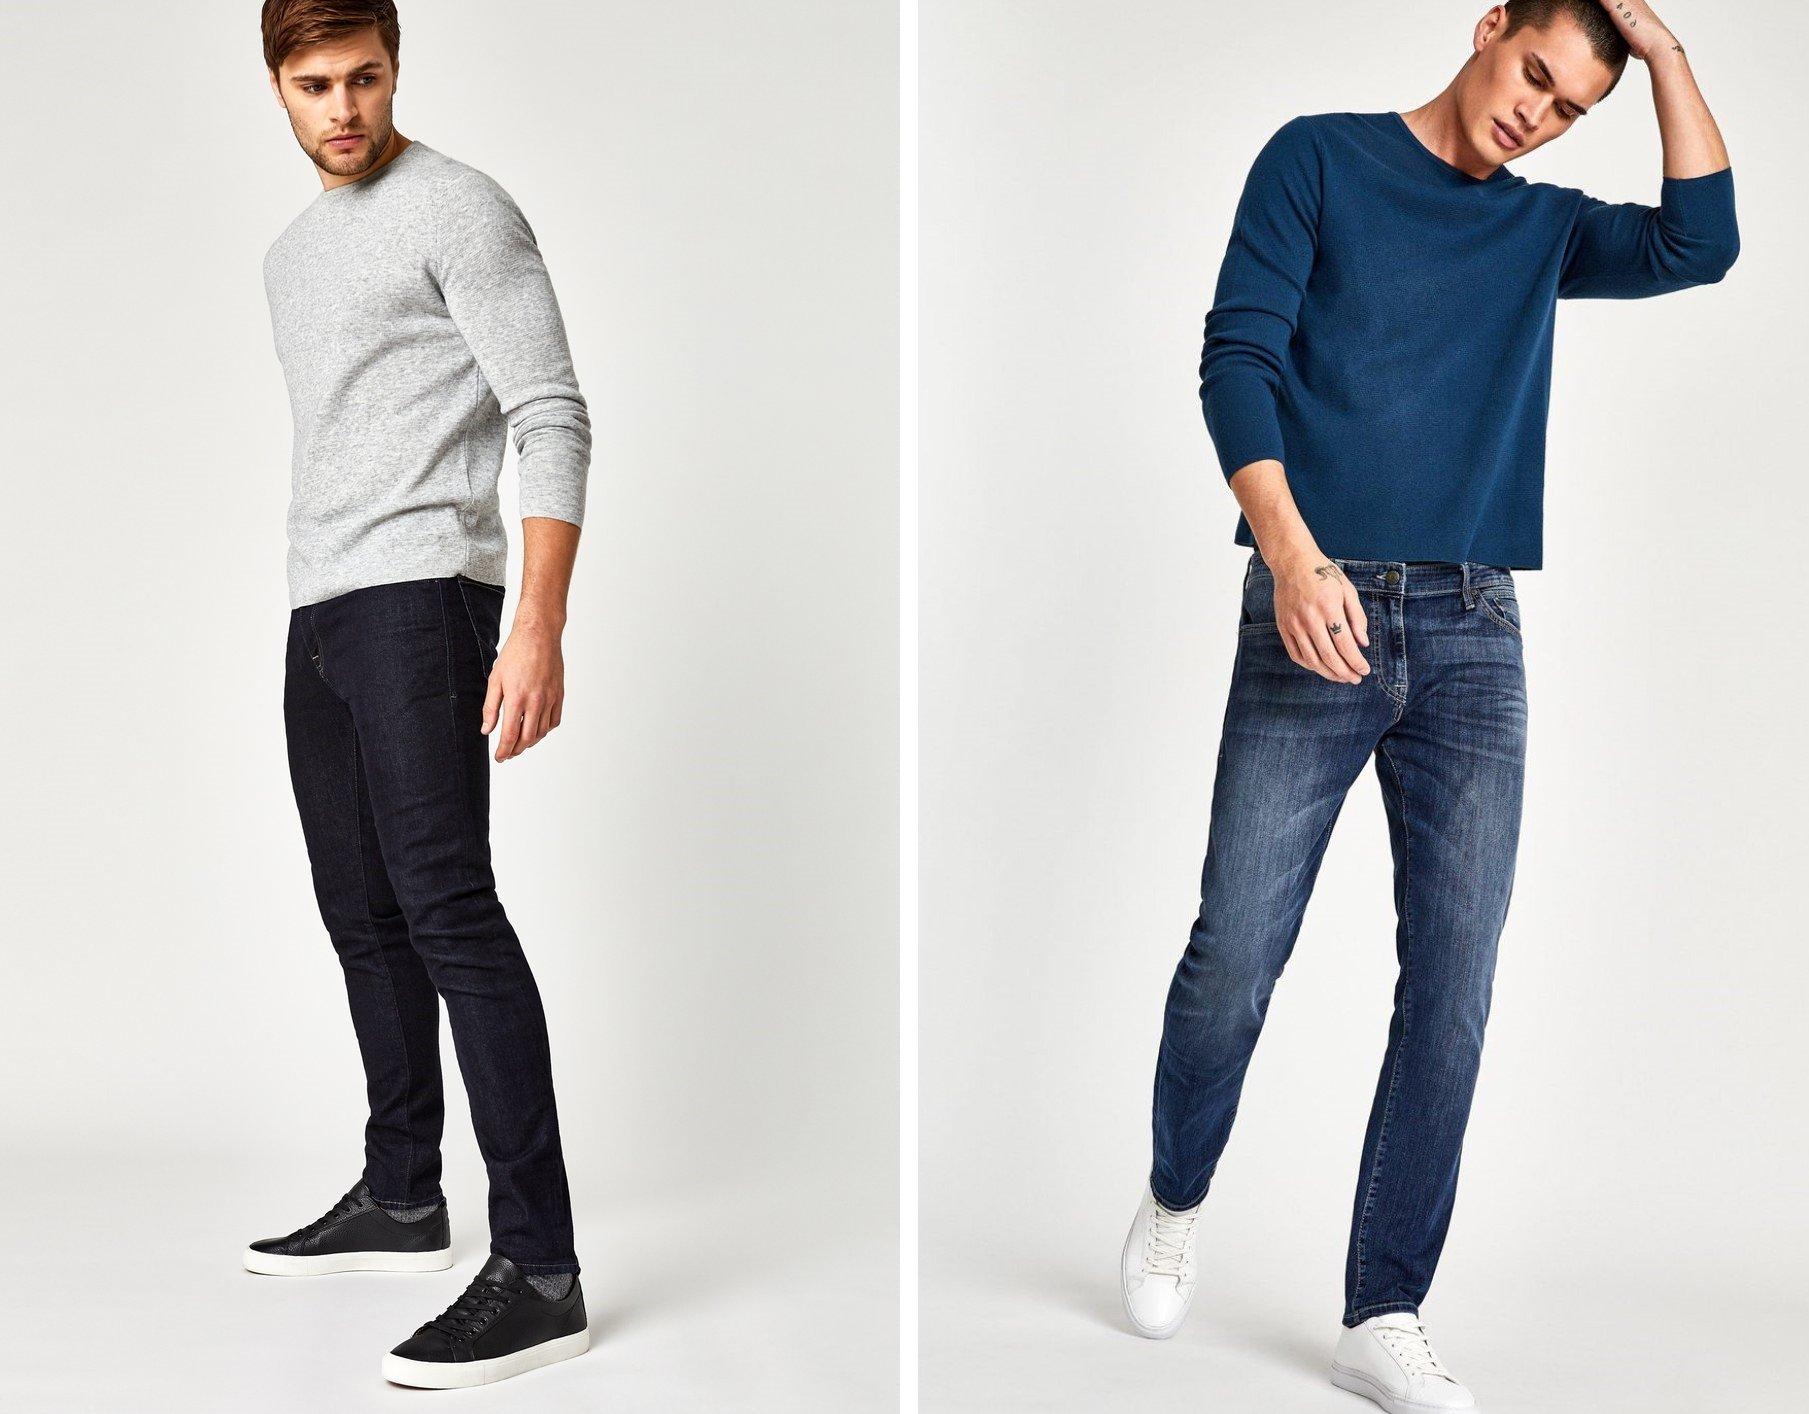 Dark Blue Jeans For Men